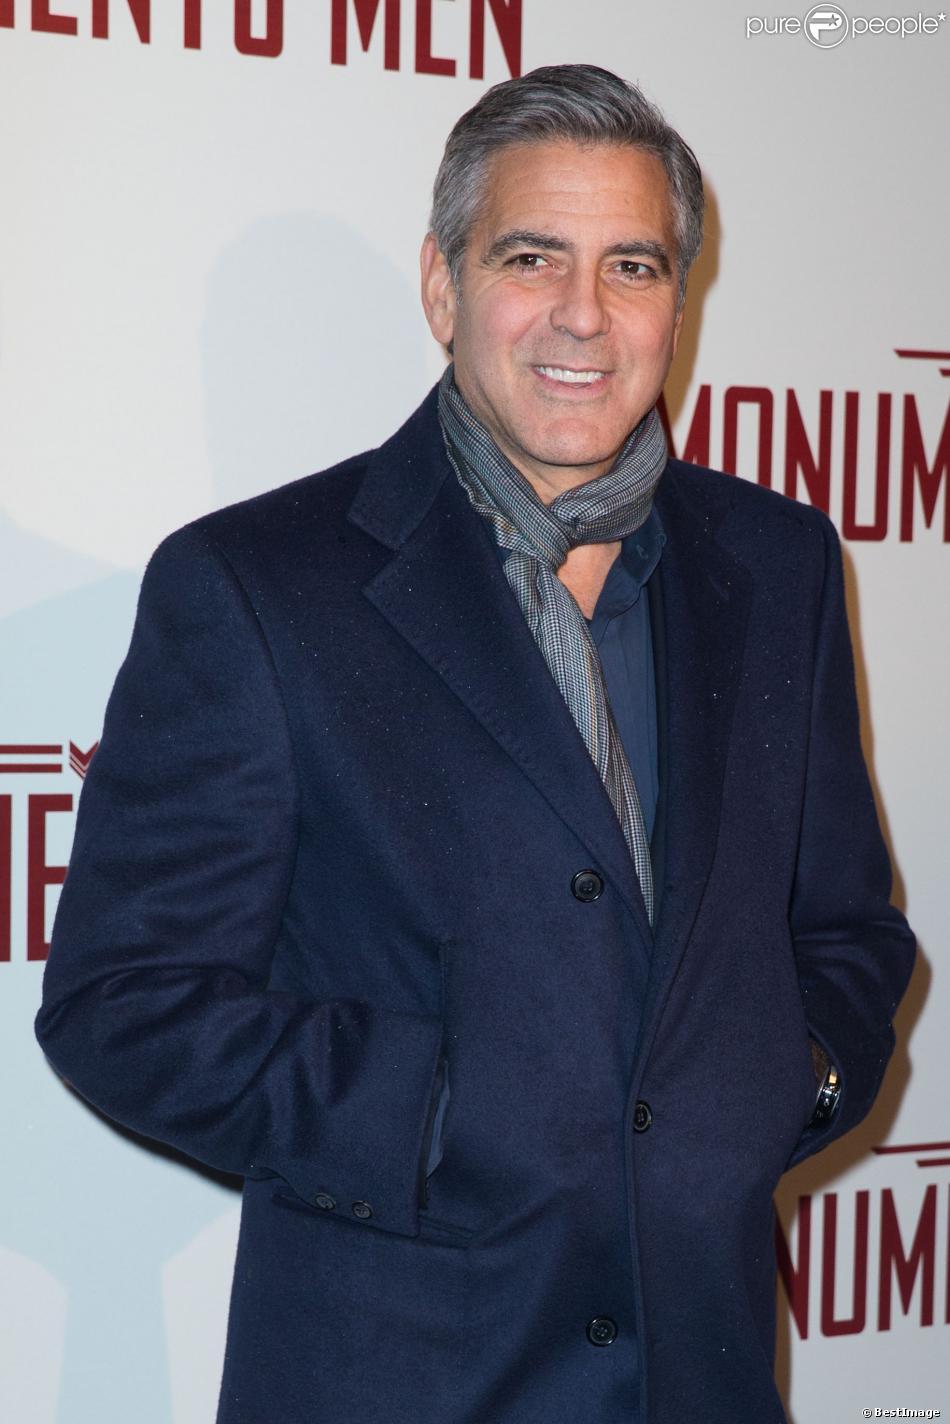 George Clooney lors de l'avant-première du film The Monuments Men à Paris le 12 février 2014